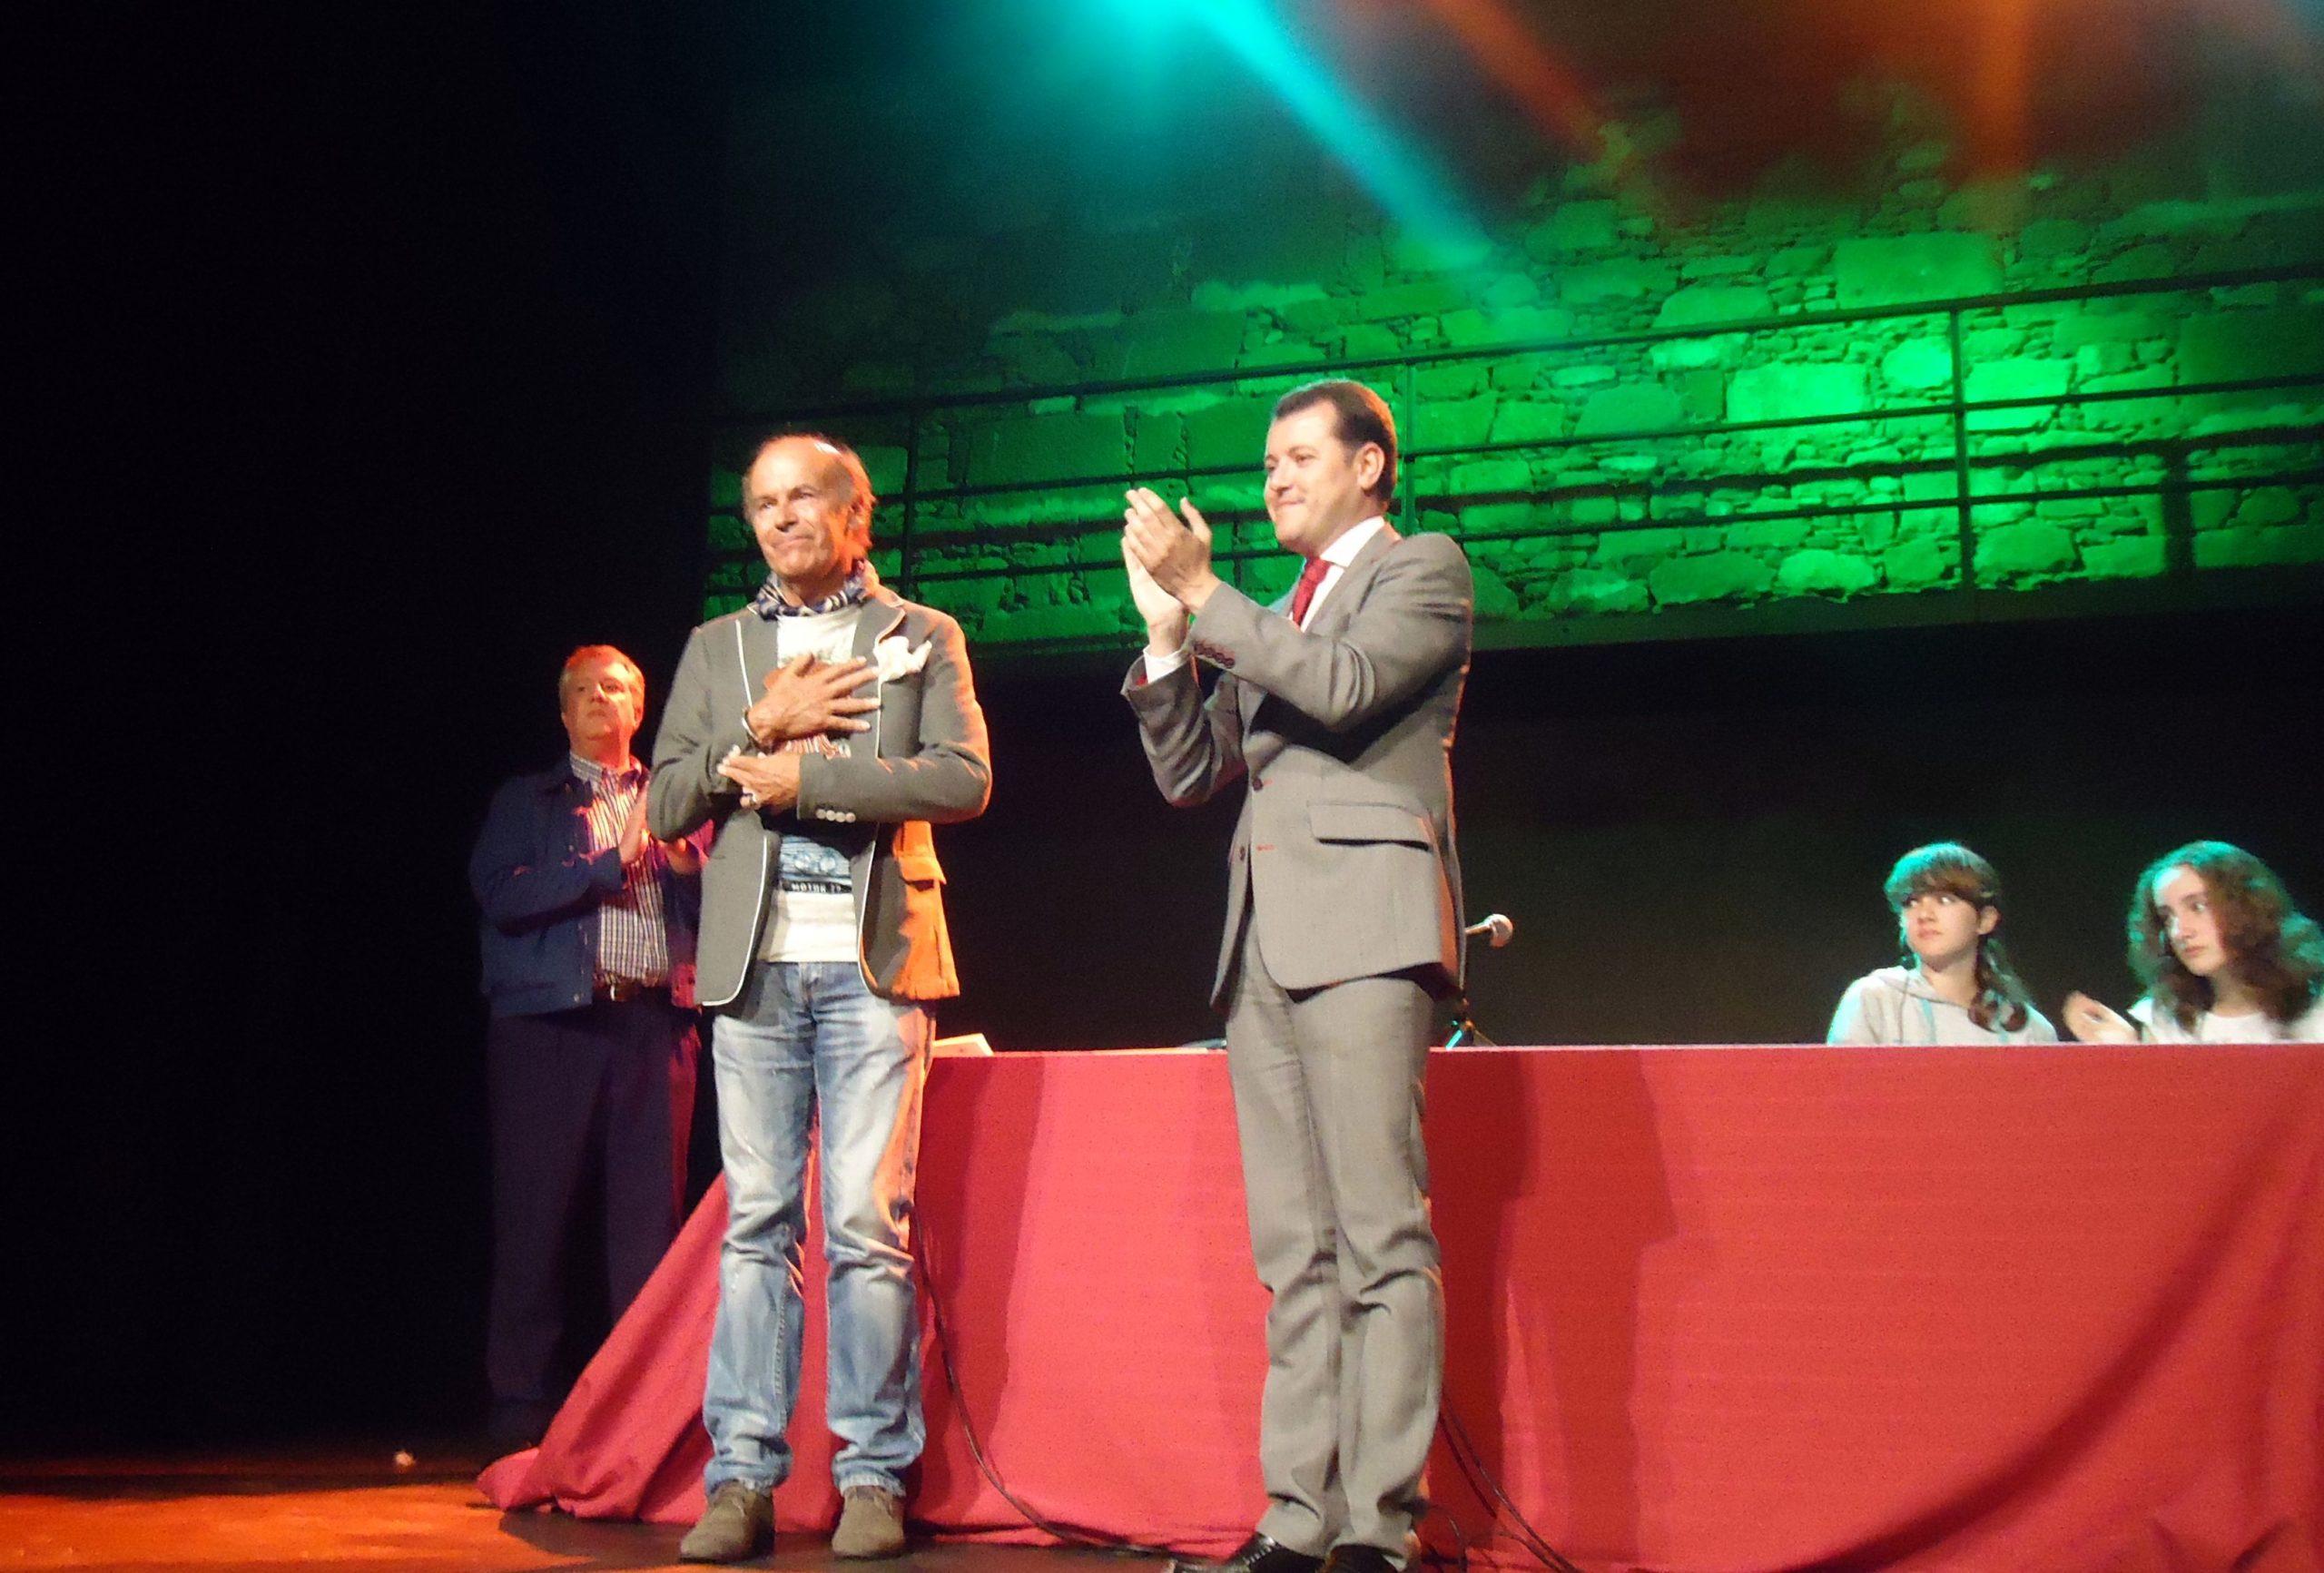 Teodoro Sosa y Tito Santana. Gáldar